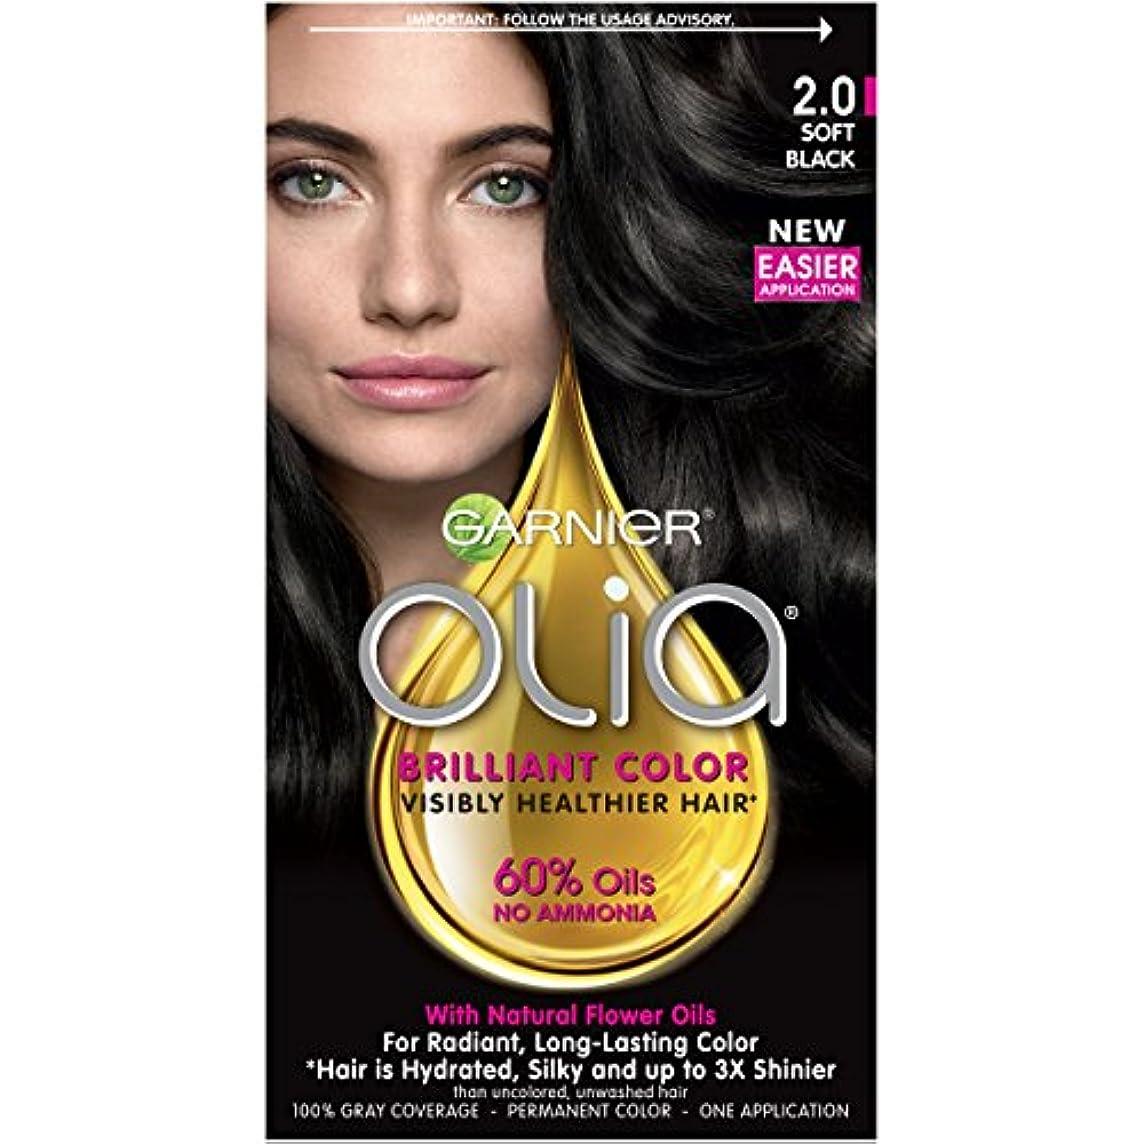 インディカ聖なる白内障Garnier Oliaヘアカラー、2.0ソフトブラック、アンモニア無料黒髪色素(梱包が変更になる場合があります) 1つのカウント 2.0ソフトブラック